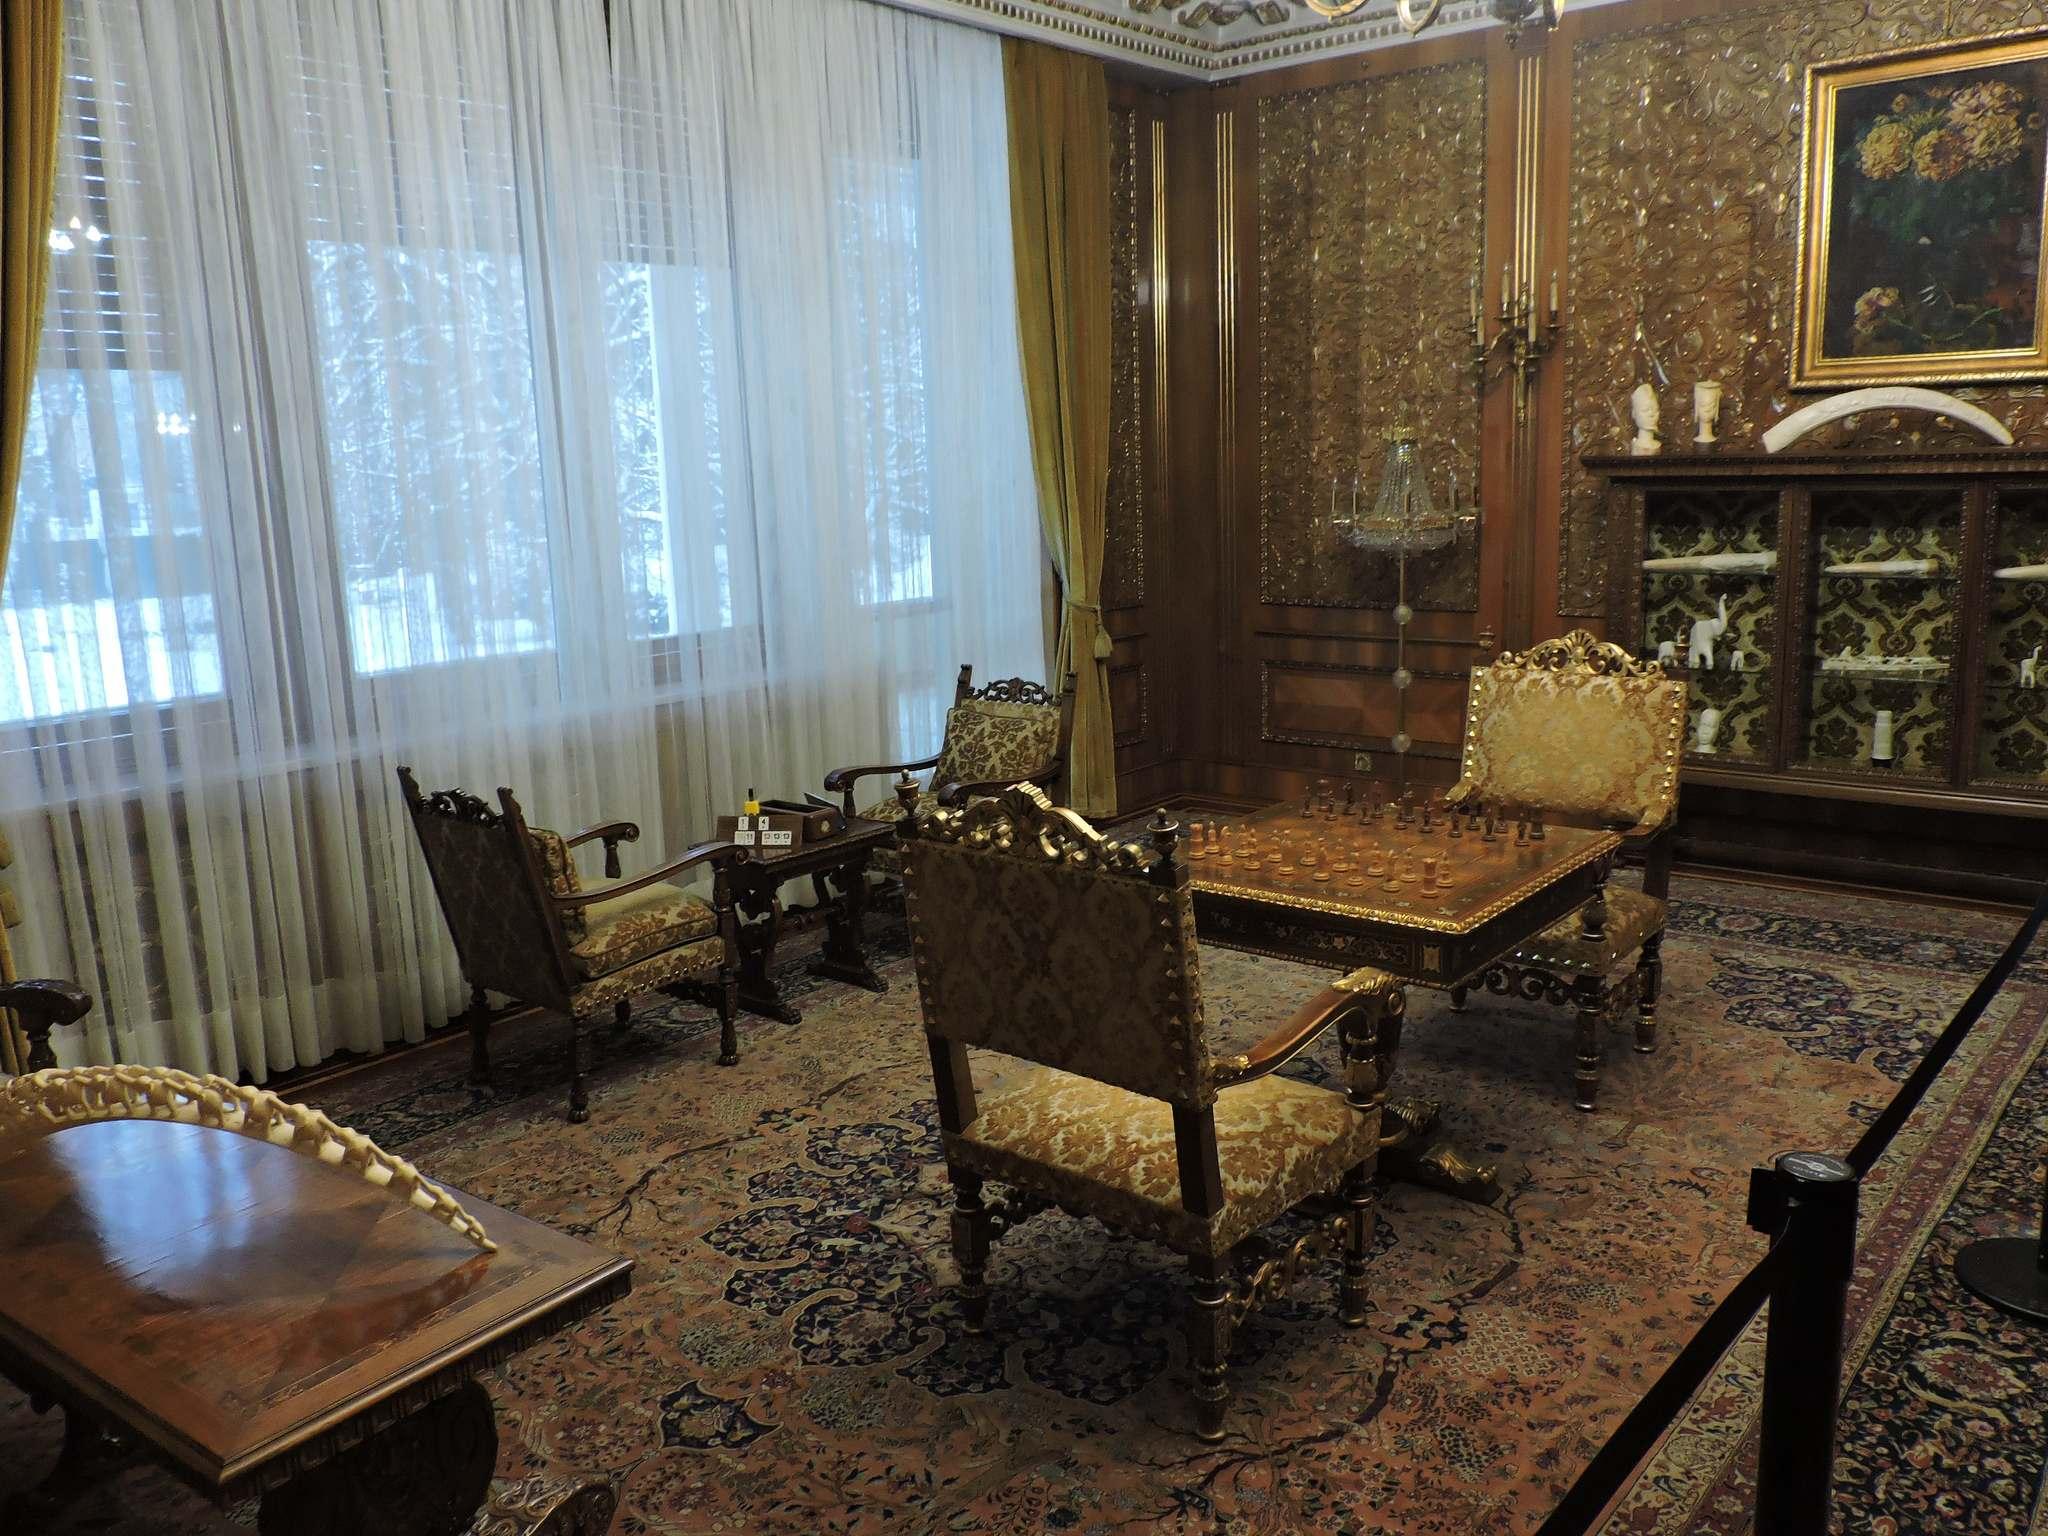 palatul primaverii Palatul Primaverii aka Spring Palace of Ceausescu